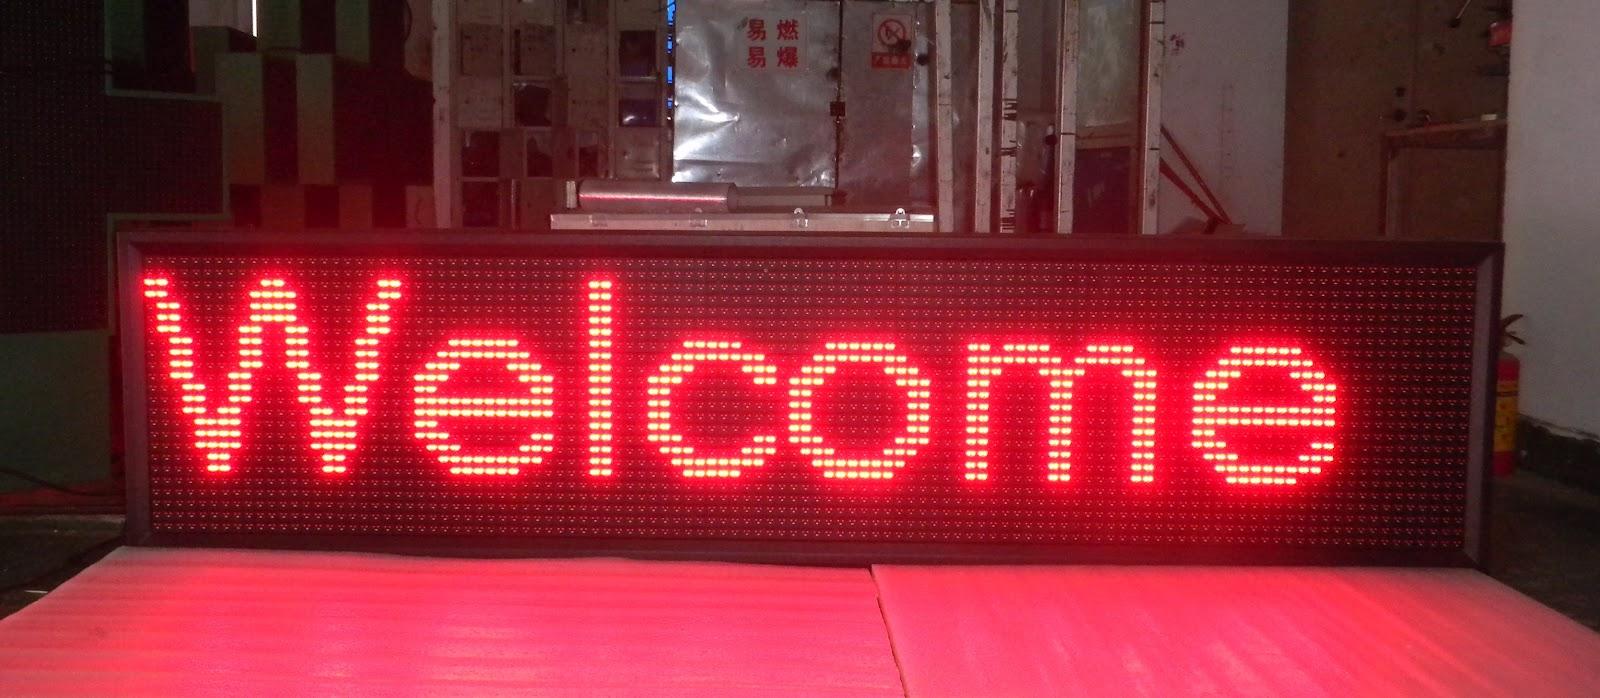 petroled led hotel sign church sign gas station sign. Black Bedroom Furniture Sets. Home Design Ideas